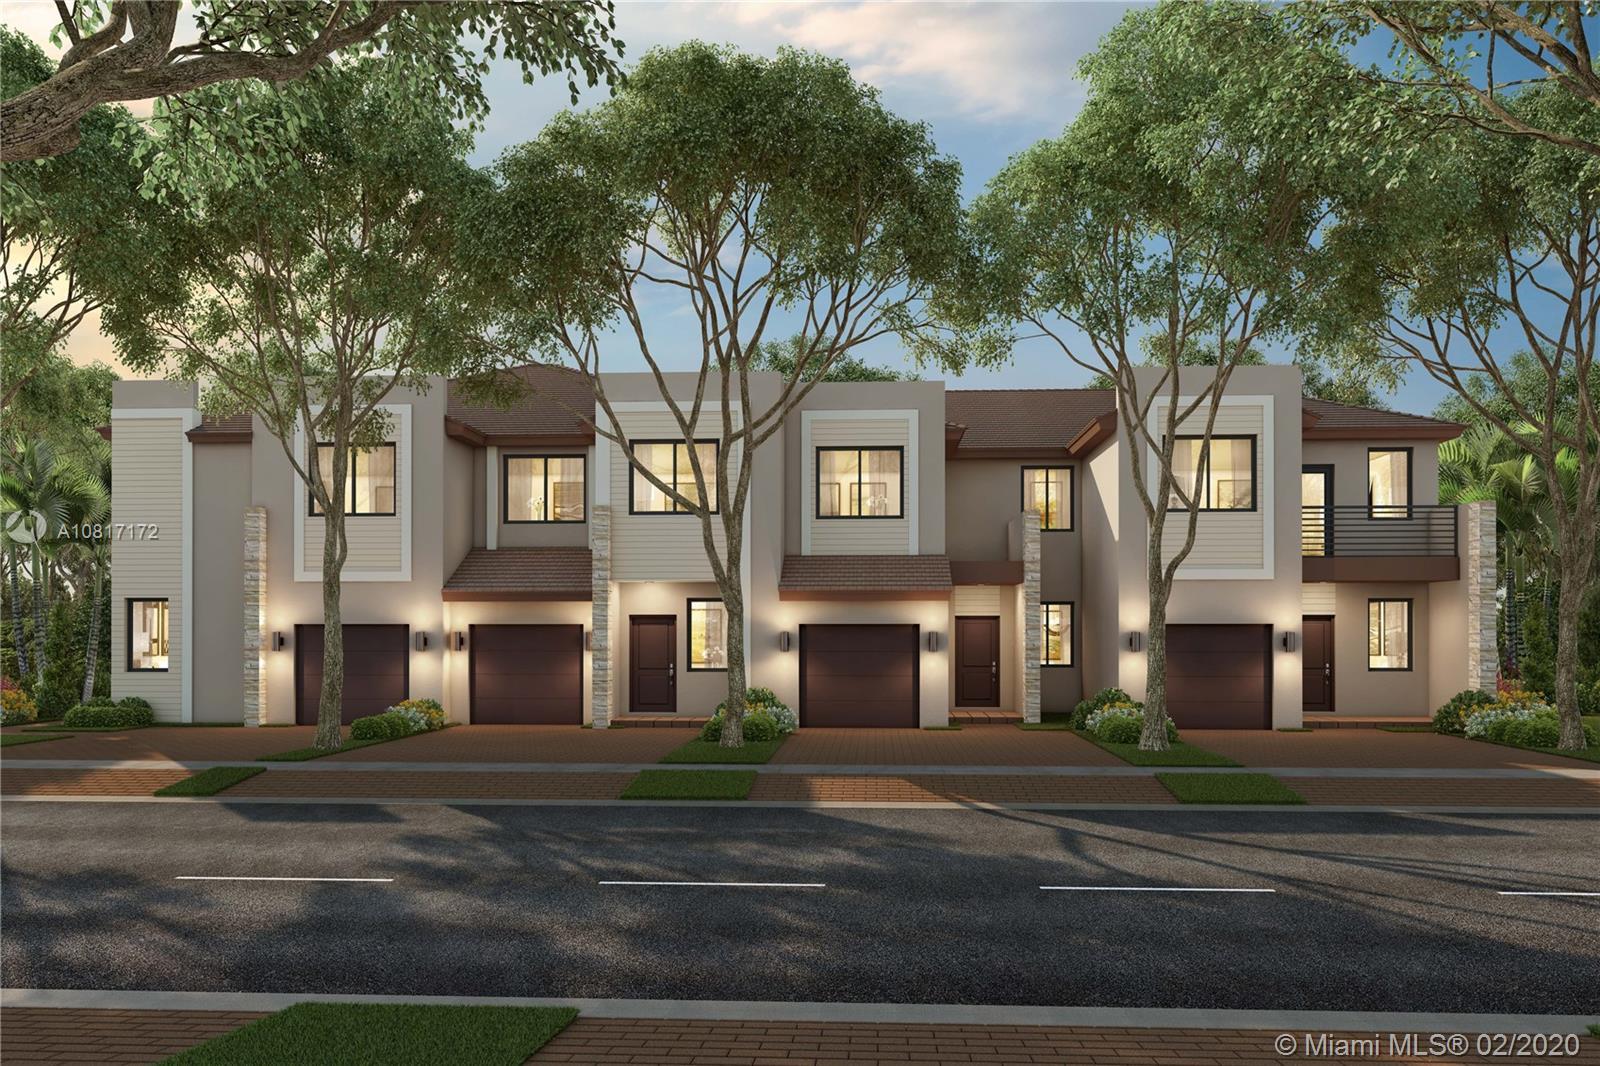 21332 NE 2 PL, Miami, FL 33179 - Miami, FL real estate listing